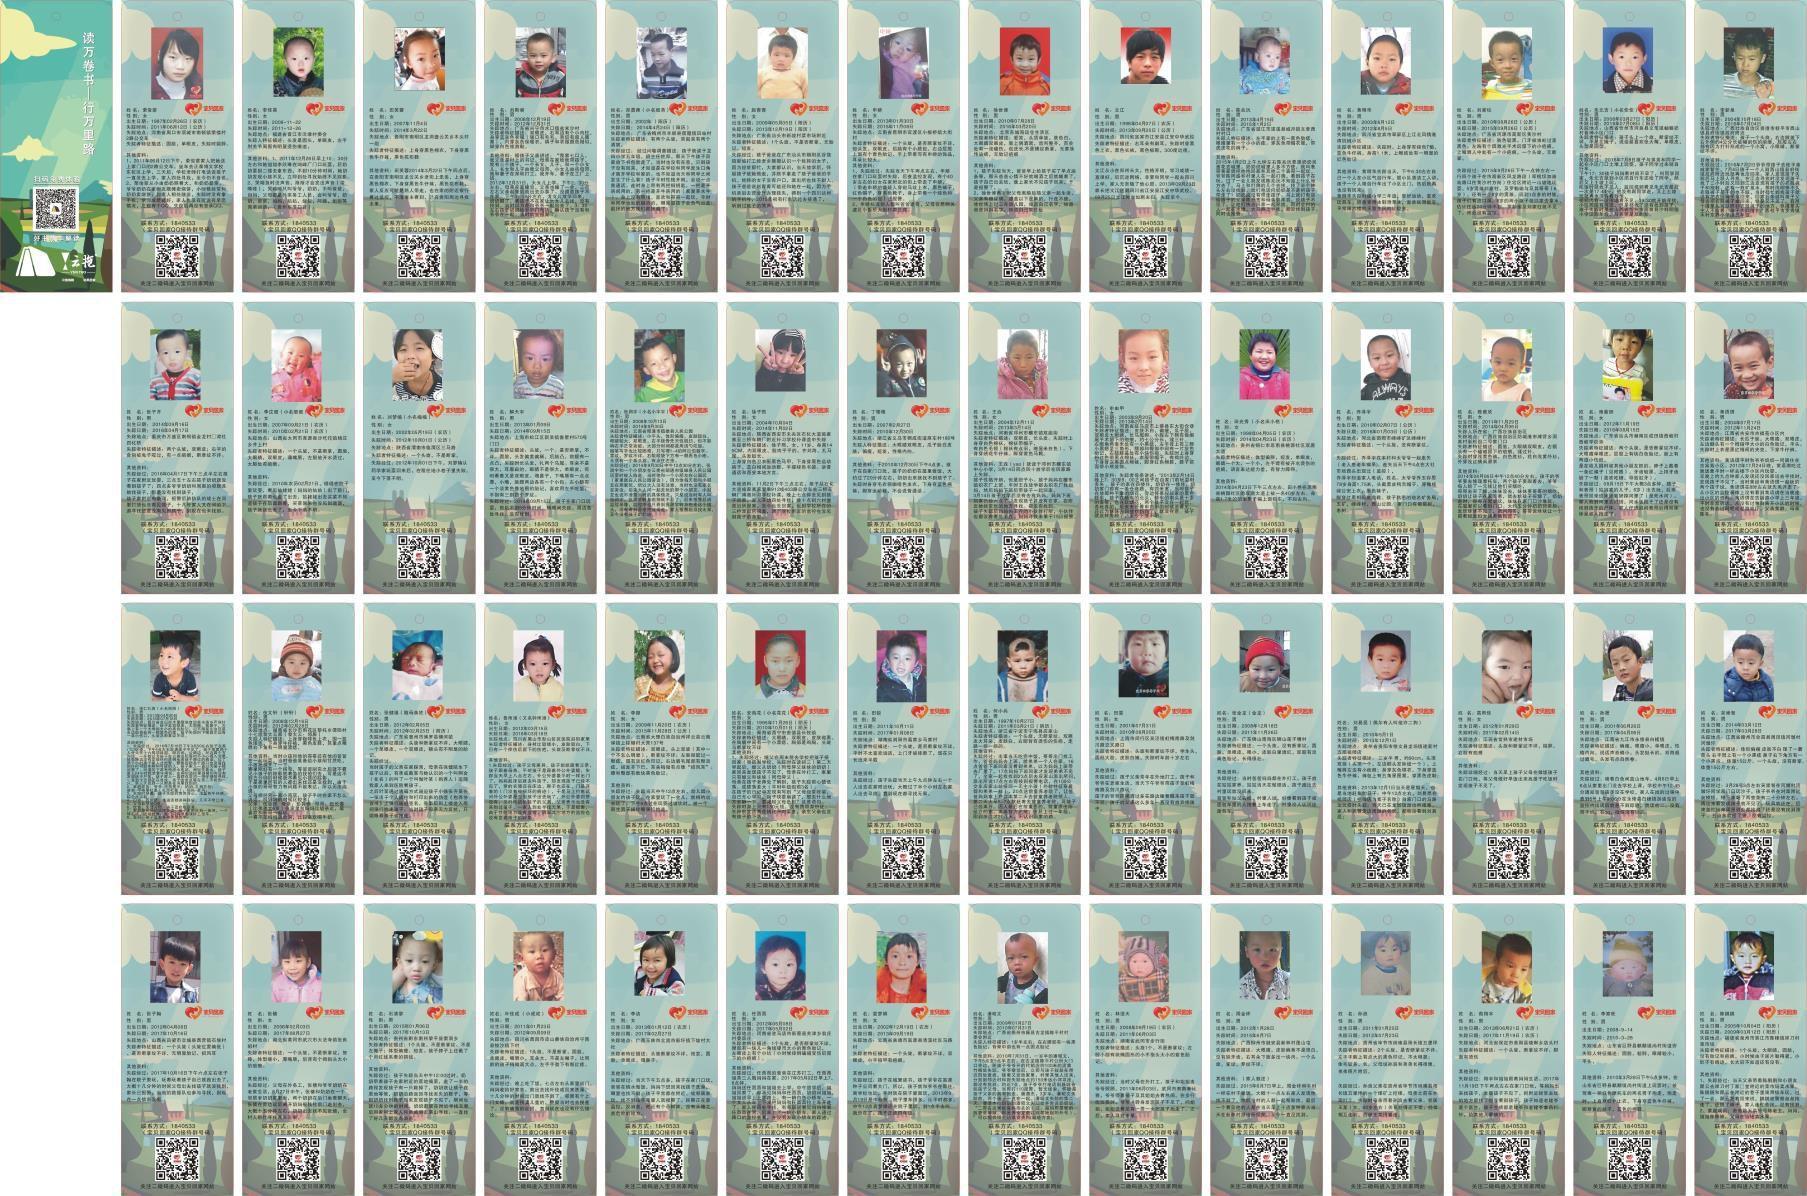 拖鞋吊牌上印失踪儿童信息 经营者:多一种渠道就多一份希望